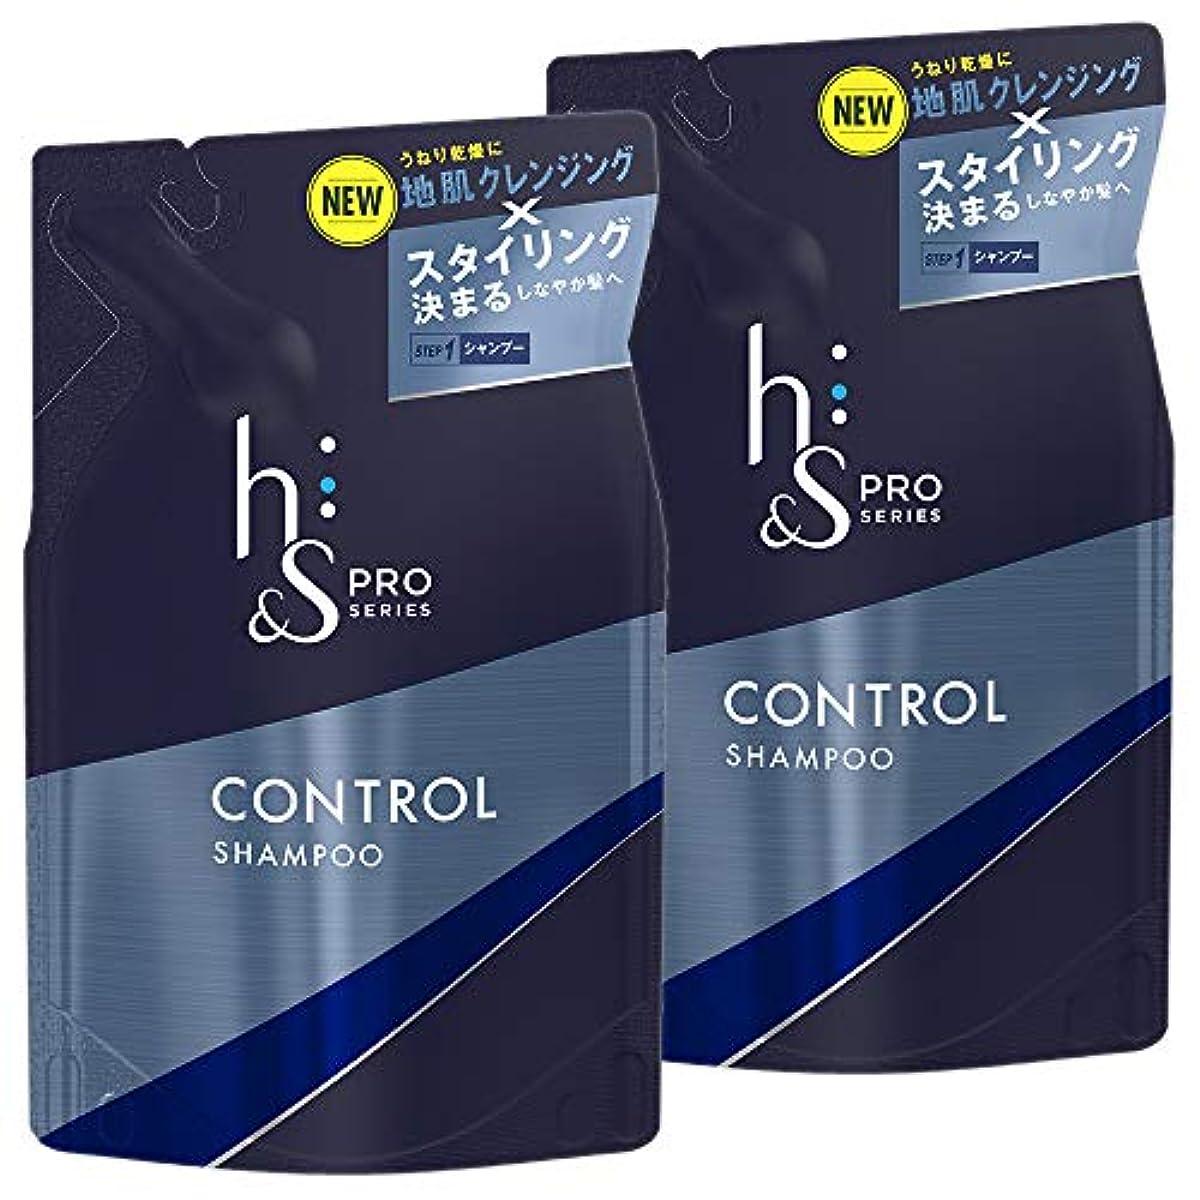 必需品水を飲むあそこ【まとめ買い】 h&s for men シャンプー PRO Series コントロール 詰め替え 300mL×2個